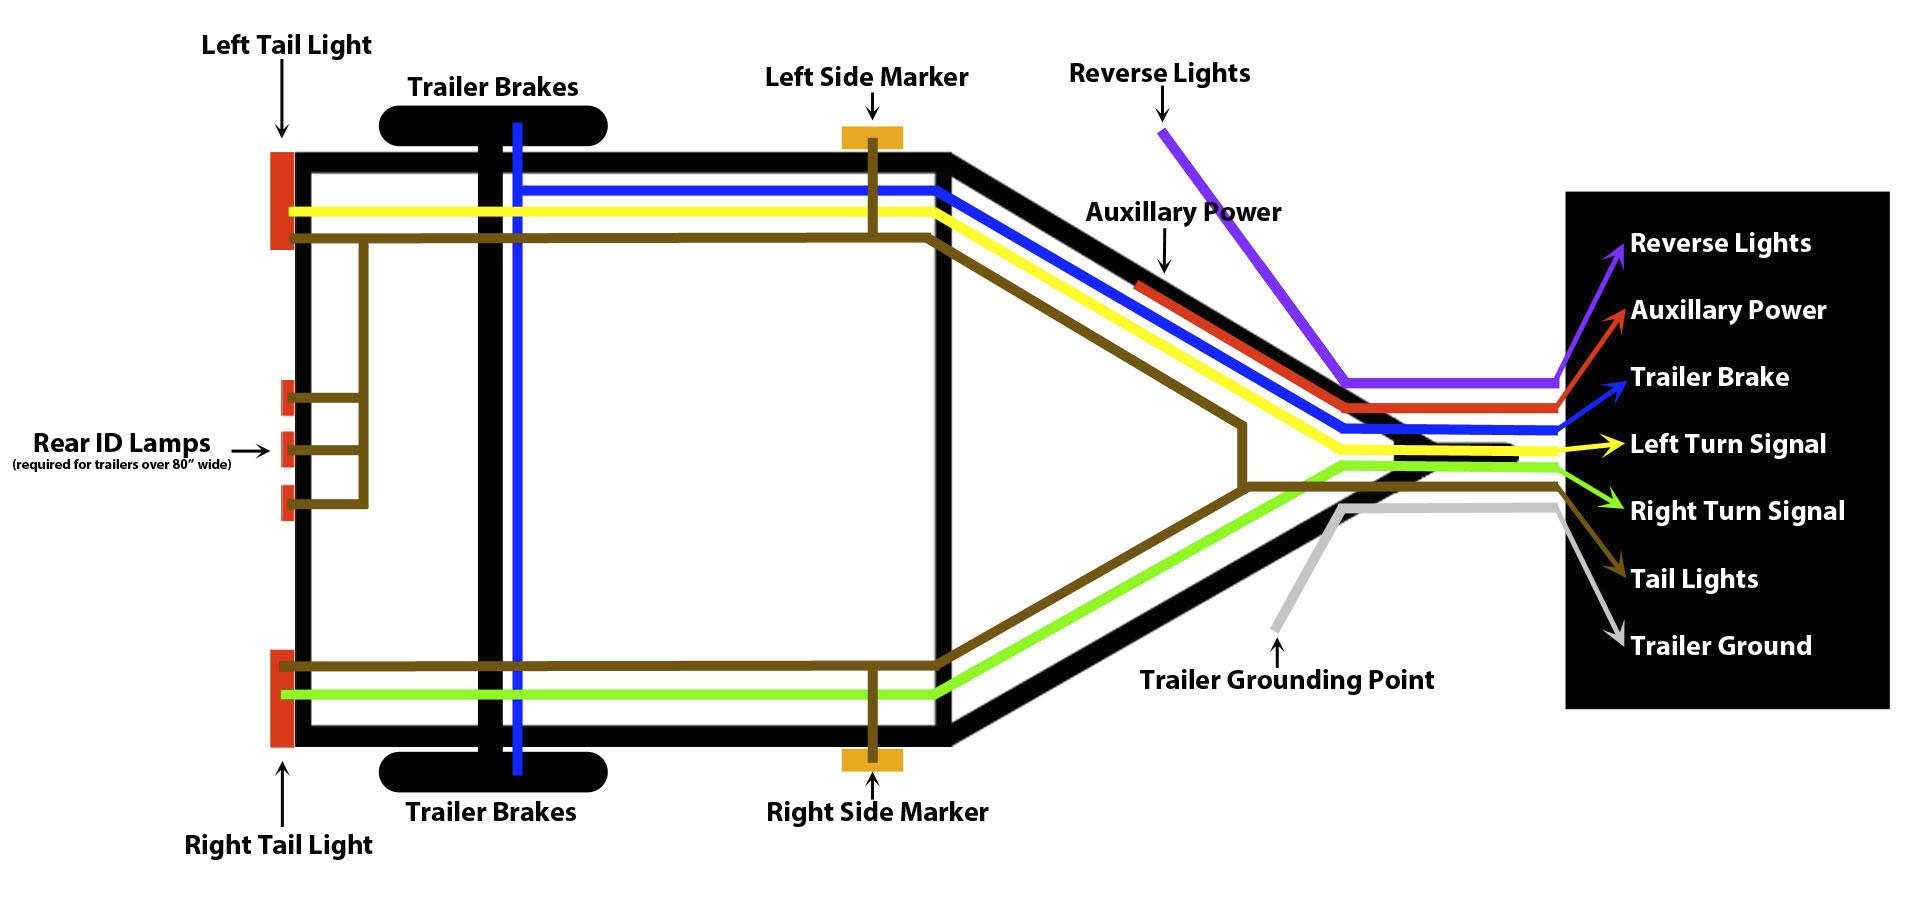 Mv 2215 Wiring Diagram In Addition 5 Wire 4 Pin Trailer Wiring Diagram Schematic Wiring